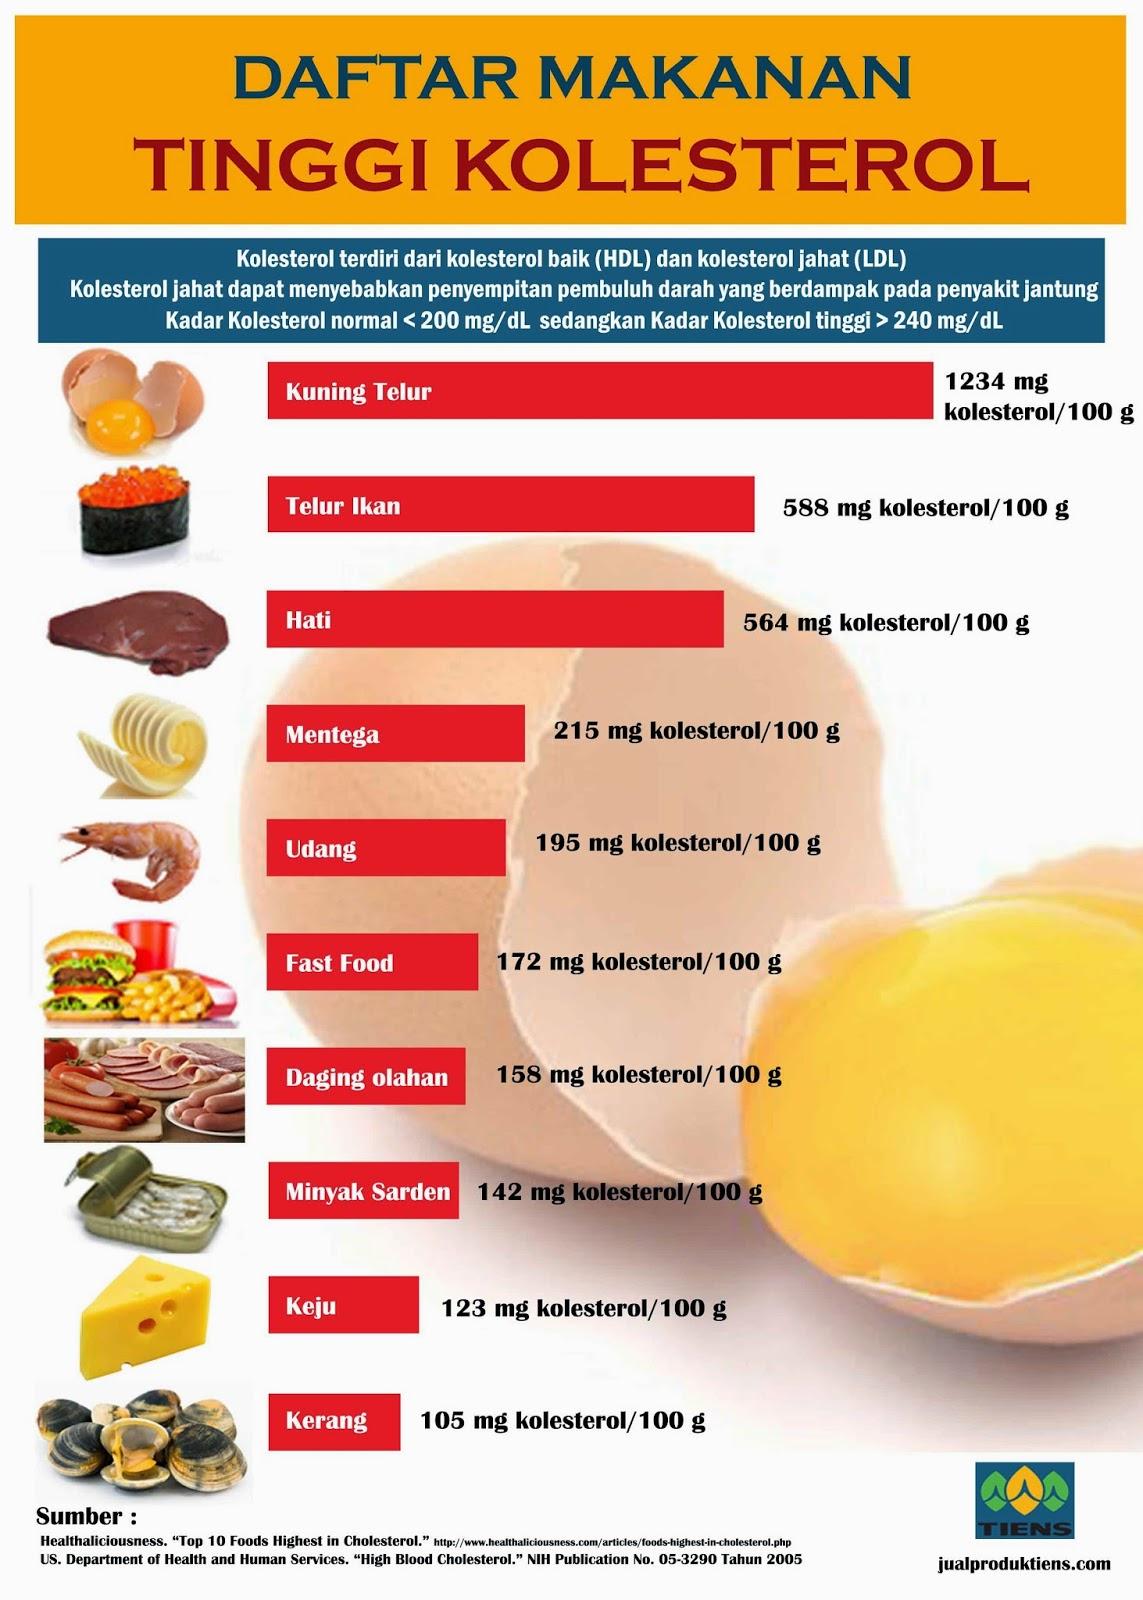 17 Makanan dan Buah Penurun Asam Urat, Anda Perlu Mengonsumsi Rutin